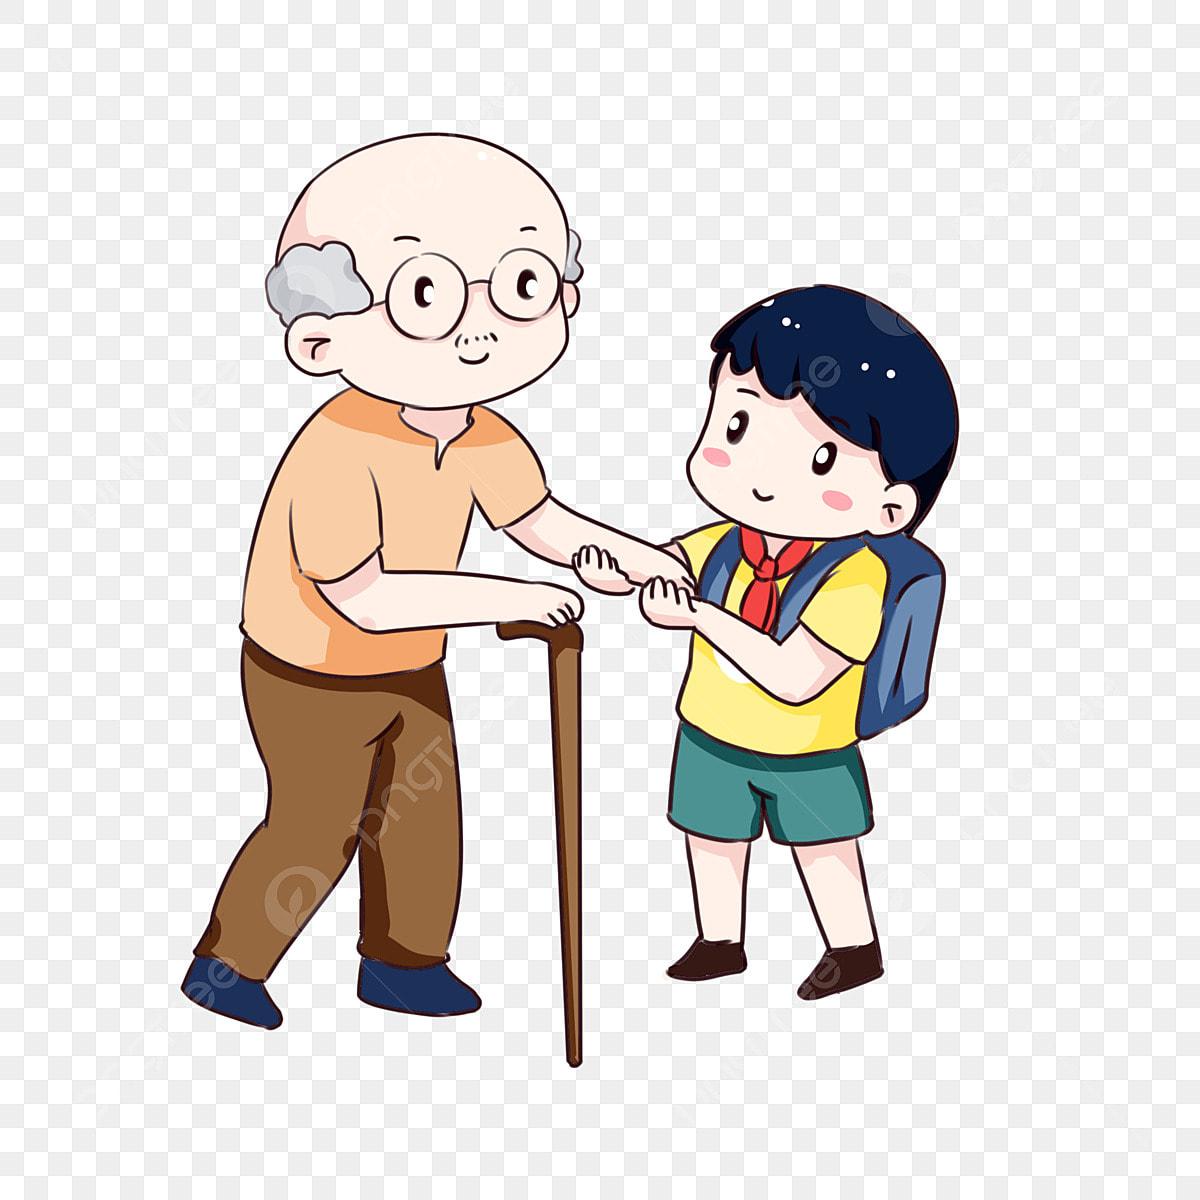 Dibujado A Mano Dibujos Animados Ayudando A Viejo Cruzar La